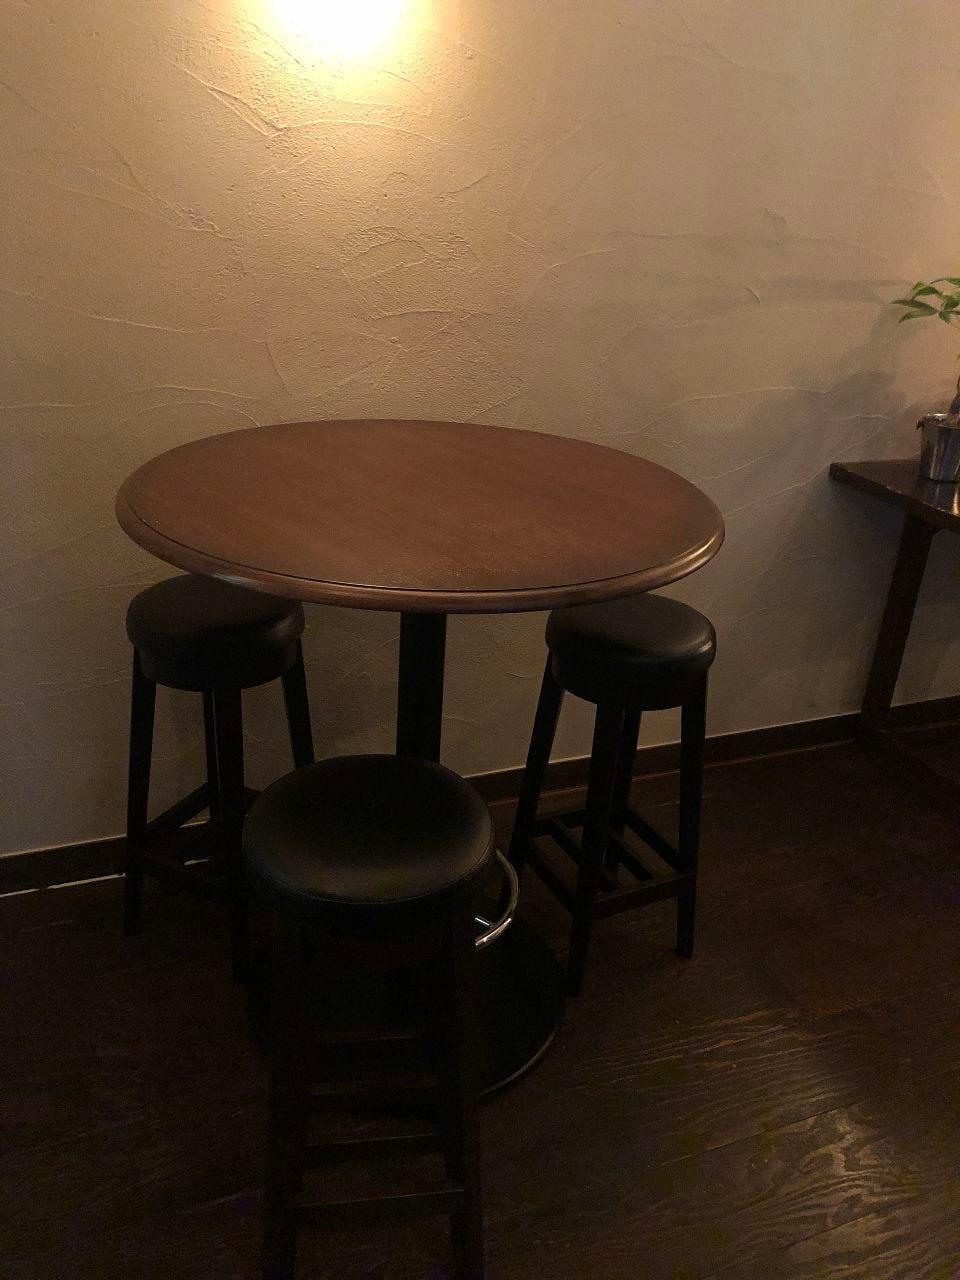 【席のみ予約できます】1〜3名様 テーブル席